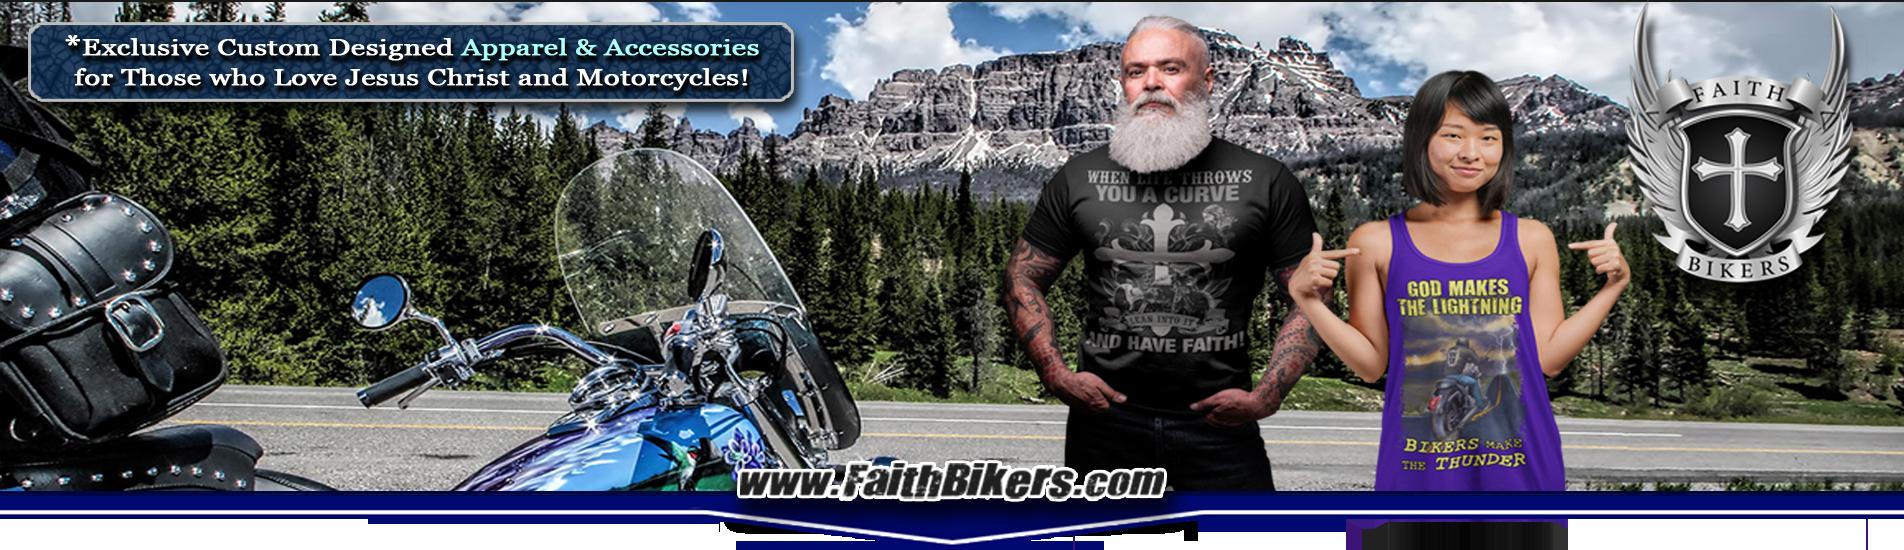 Shop Now! 100% Unique Christian Biker Clothing, Apparel & Accessories!